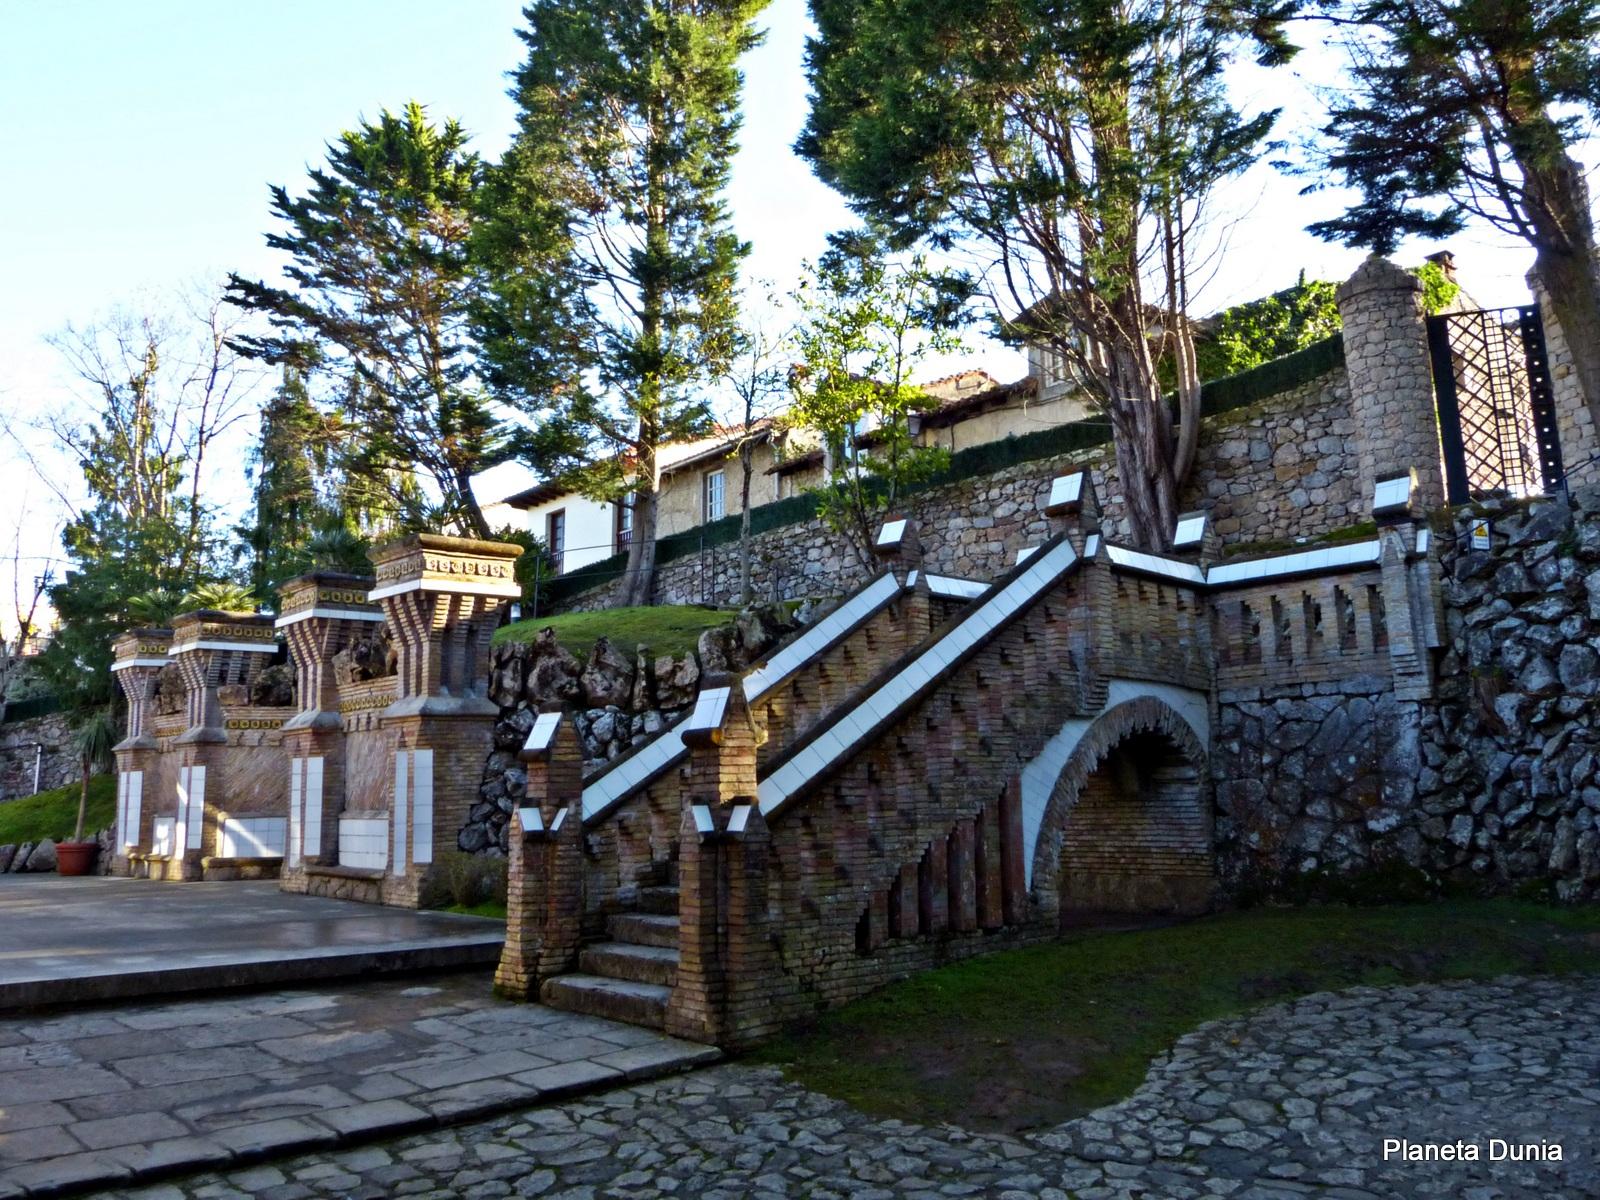 Villa Quijano: El Capricho de Gaudí (Comillas, Cantabria)